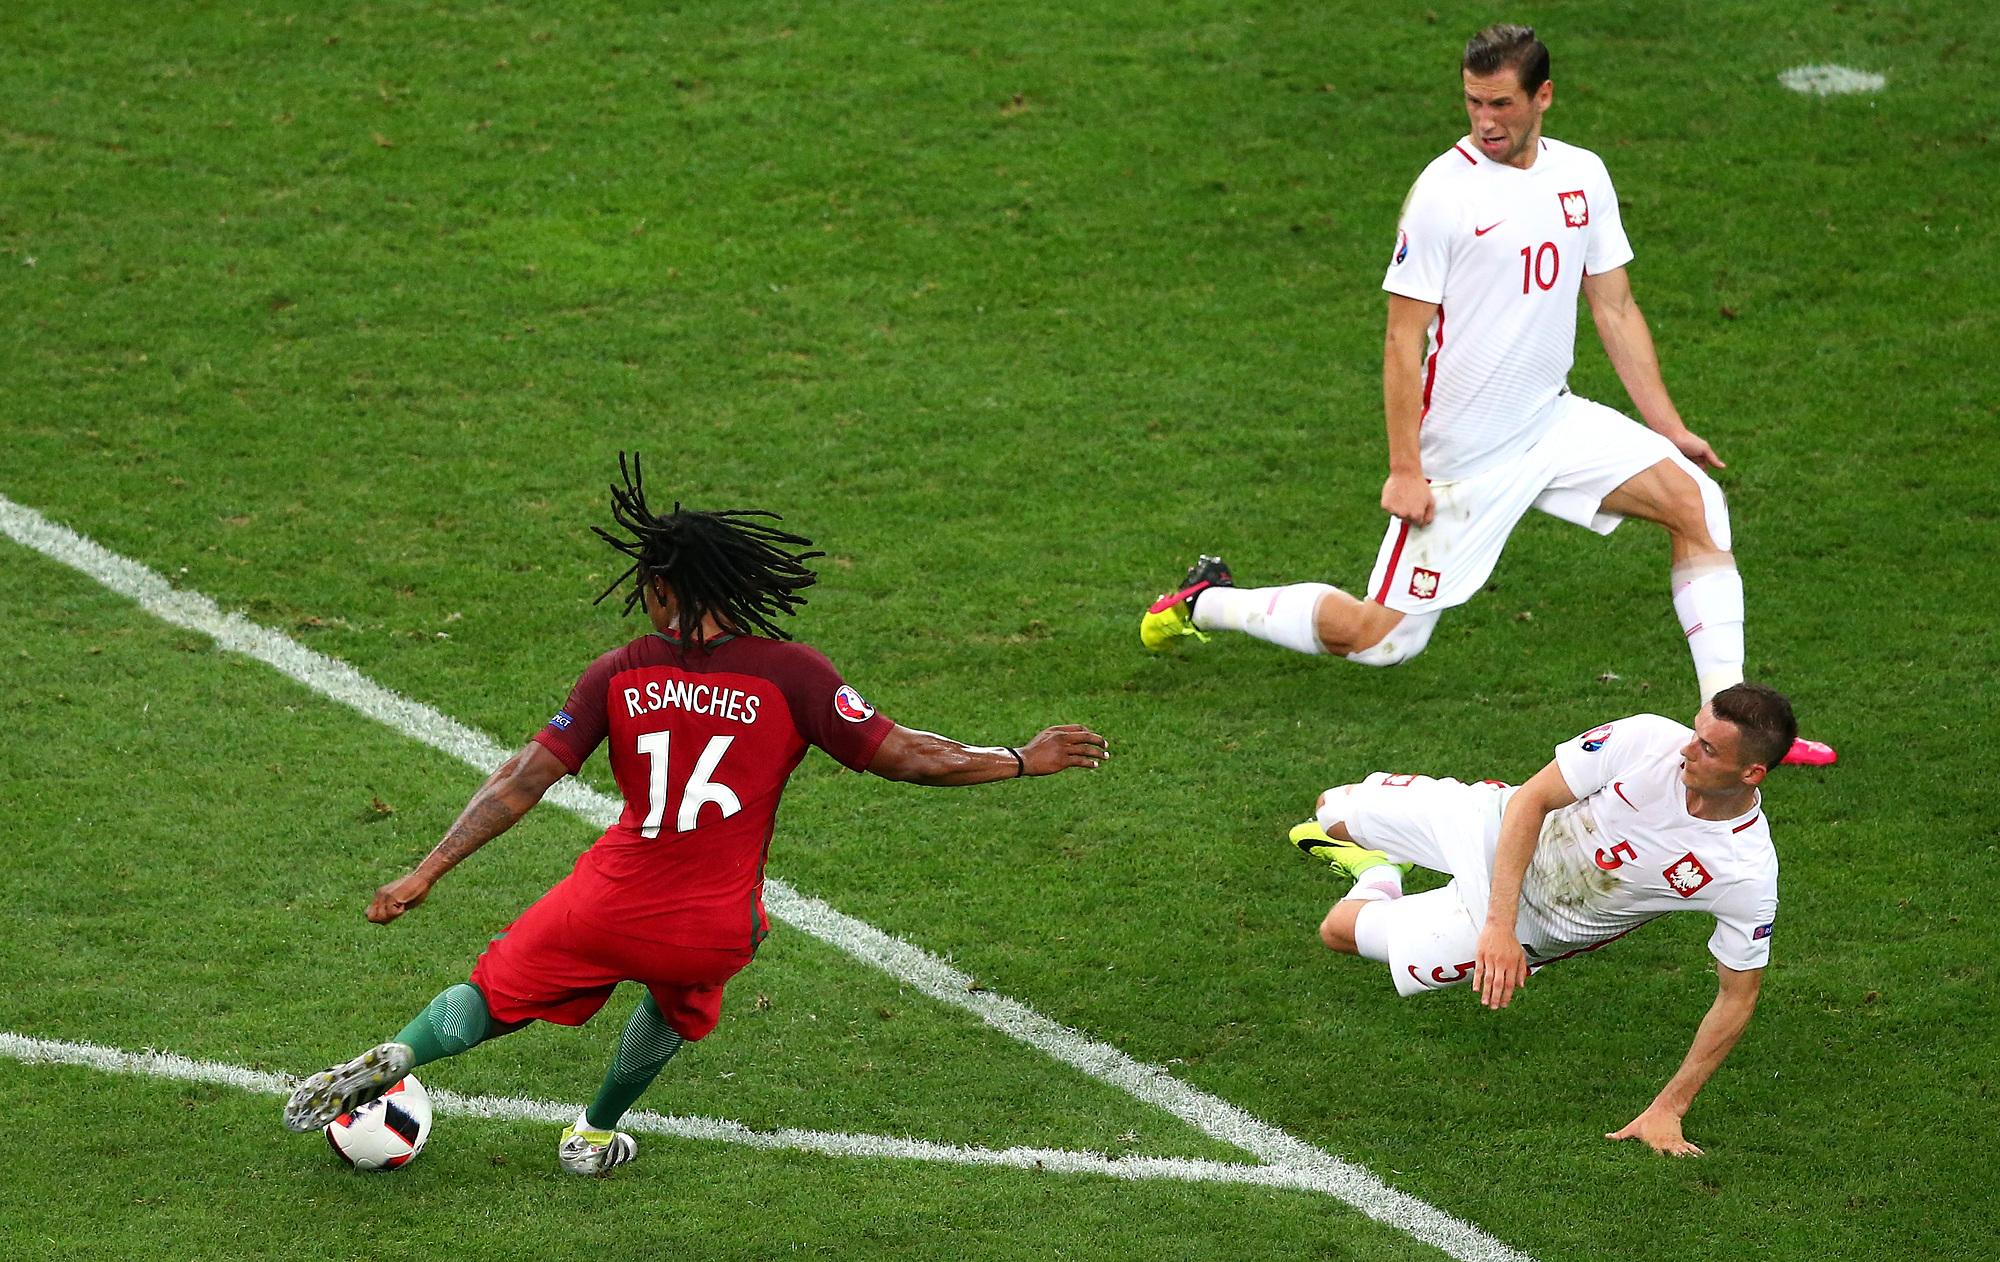 Sanches trong pha nã đại bác tung lưới Ba Lan ở Euro 2016. Ảnh: PA